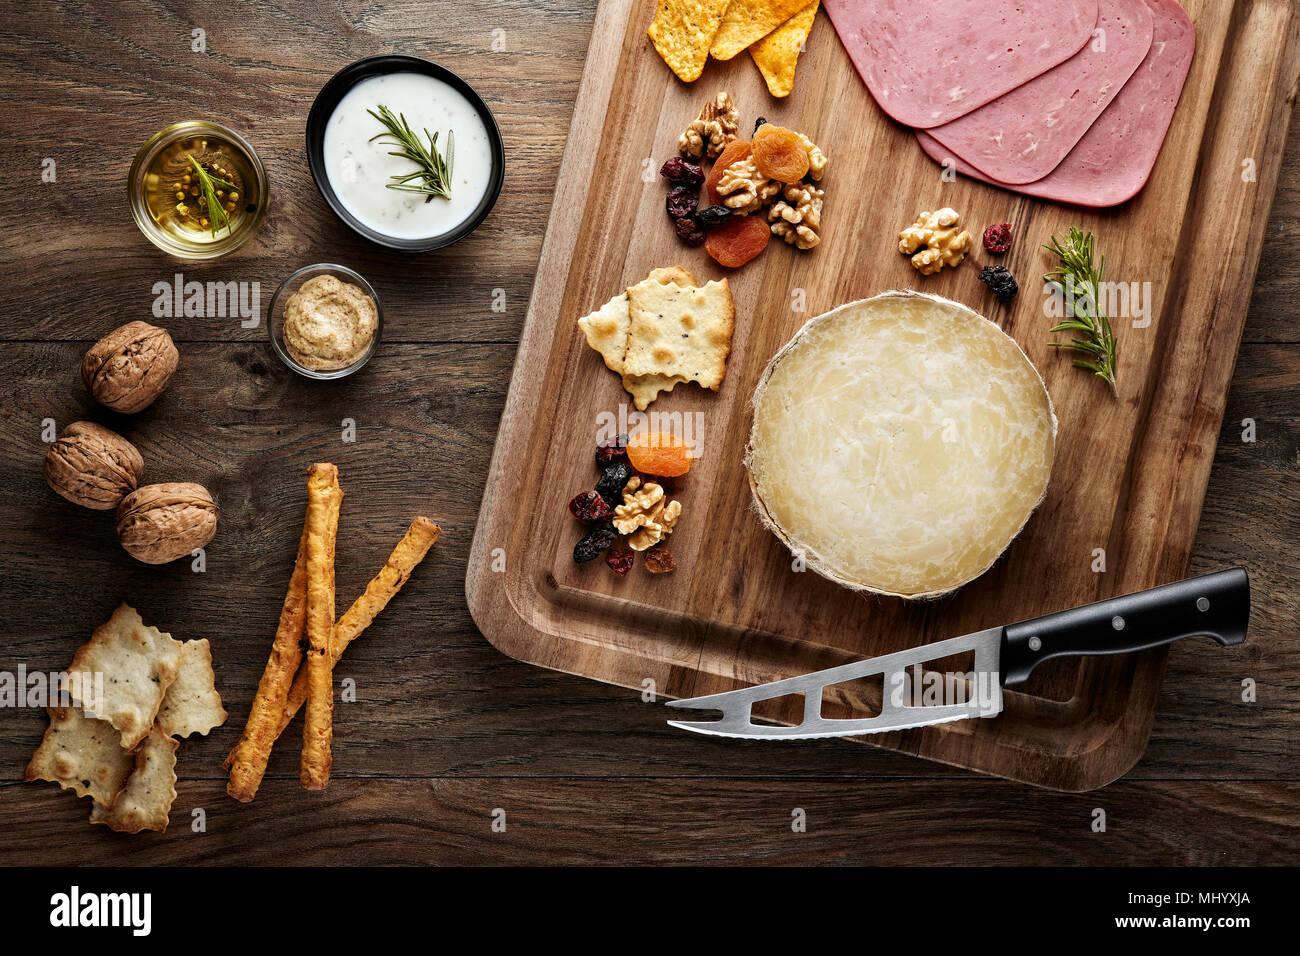 Karaman Turquie skinbag (fromage obruk divle) sur une table en bois décoré avec des accessoires de planche à découper en bois, couteau à fromage et noix Photo Stock